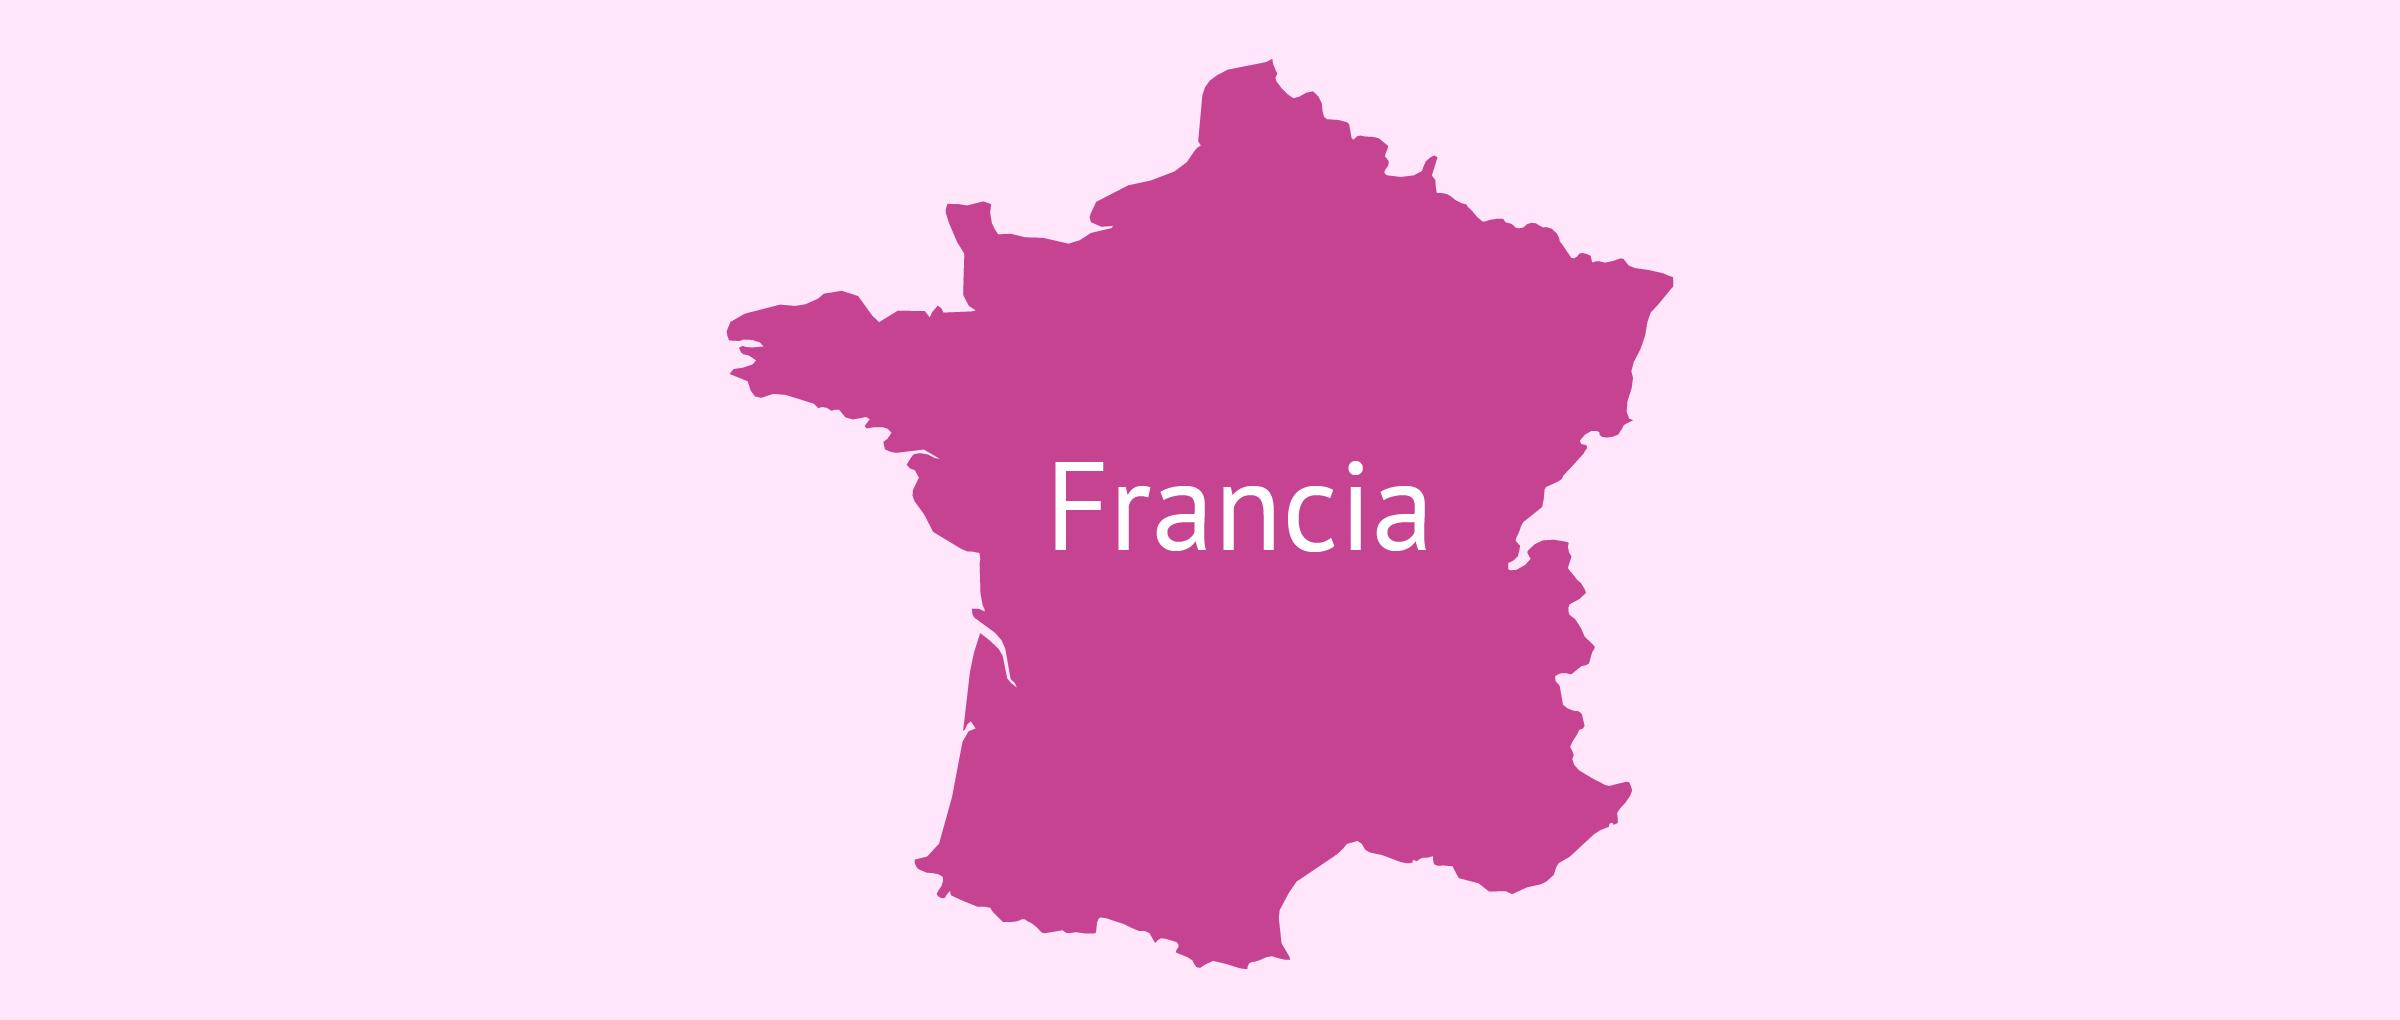 Gestación subrogada en Francia: ¿Qué restricciones impone la ley?